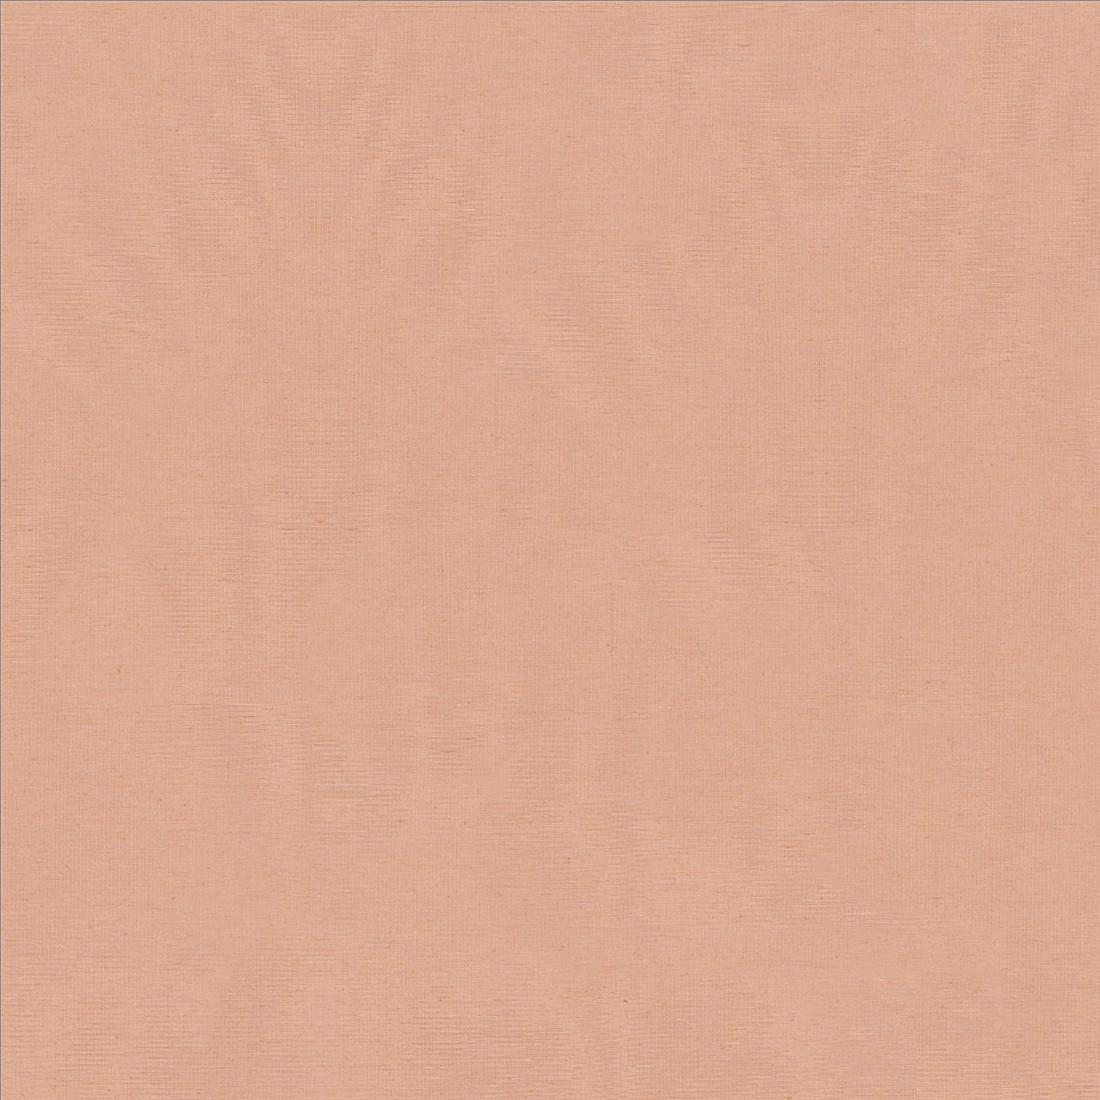 Tischdecke Country – Honig – 160 x 265 cm, Villeroy&Boch bestellen